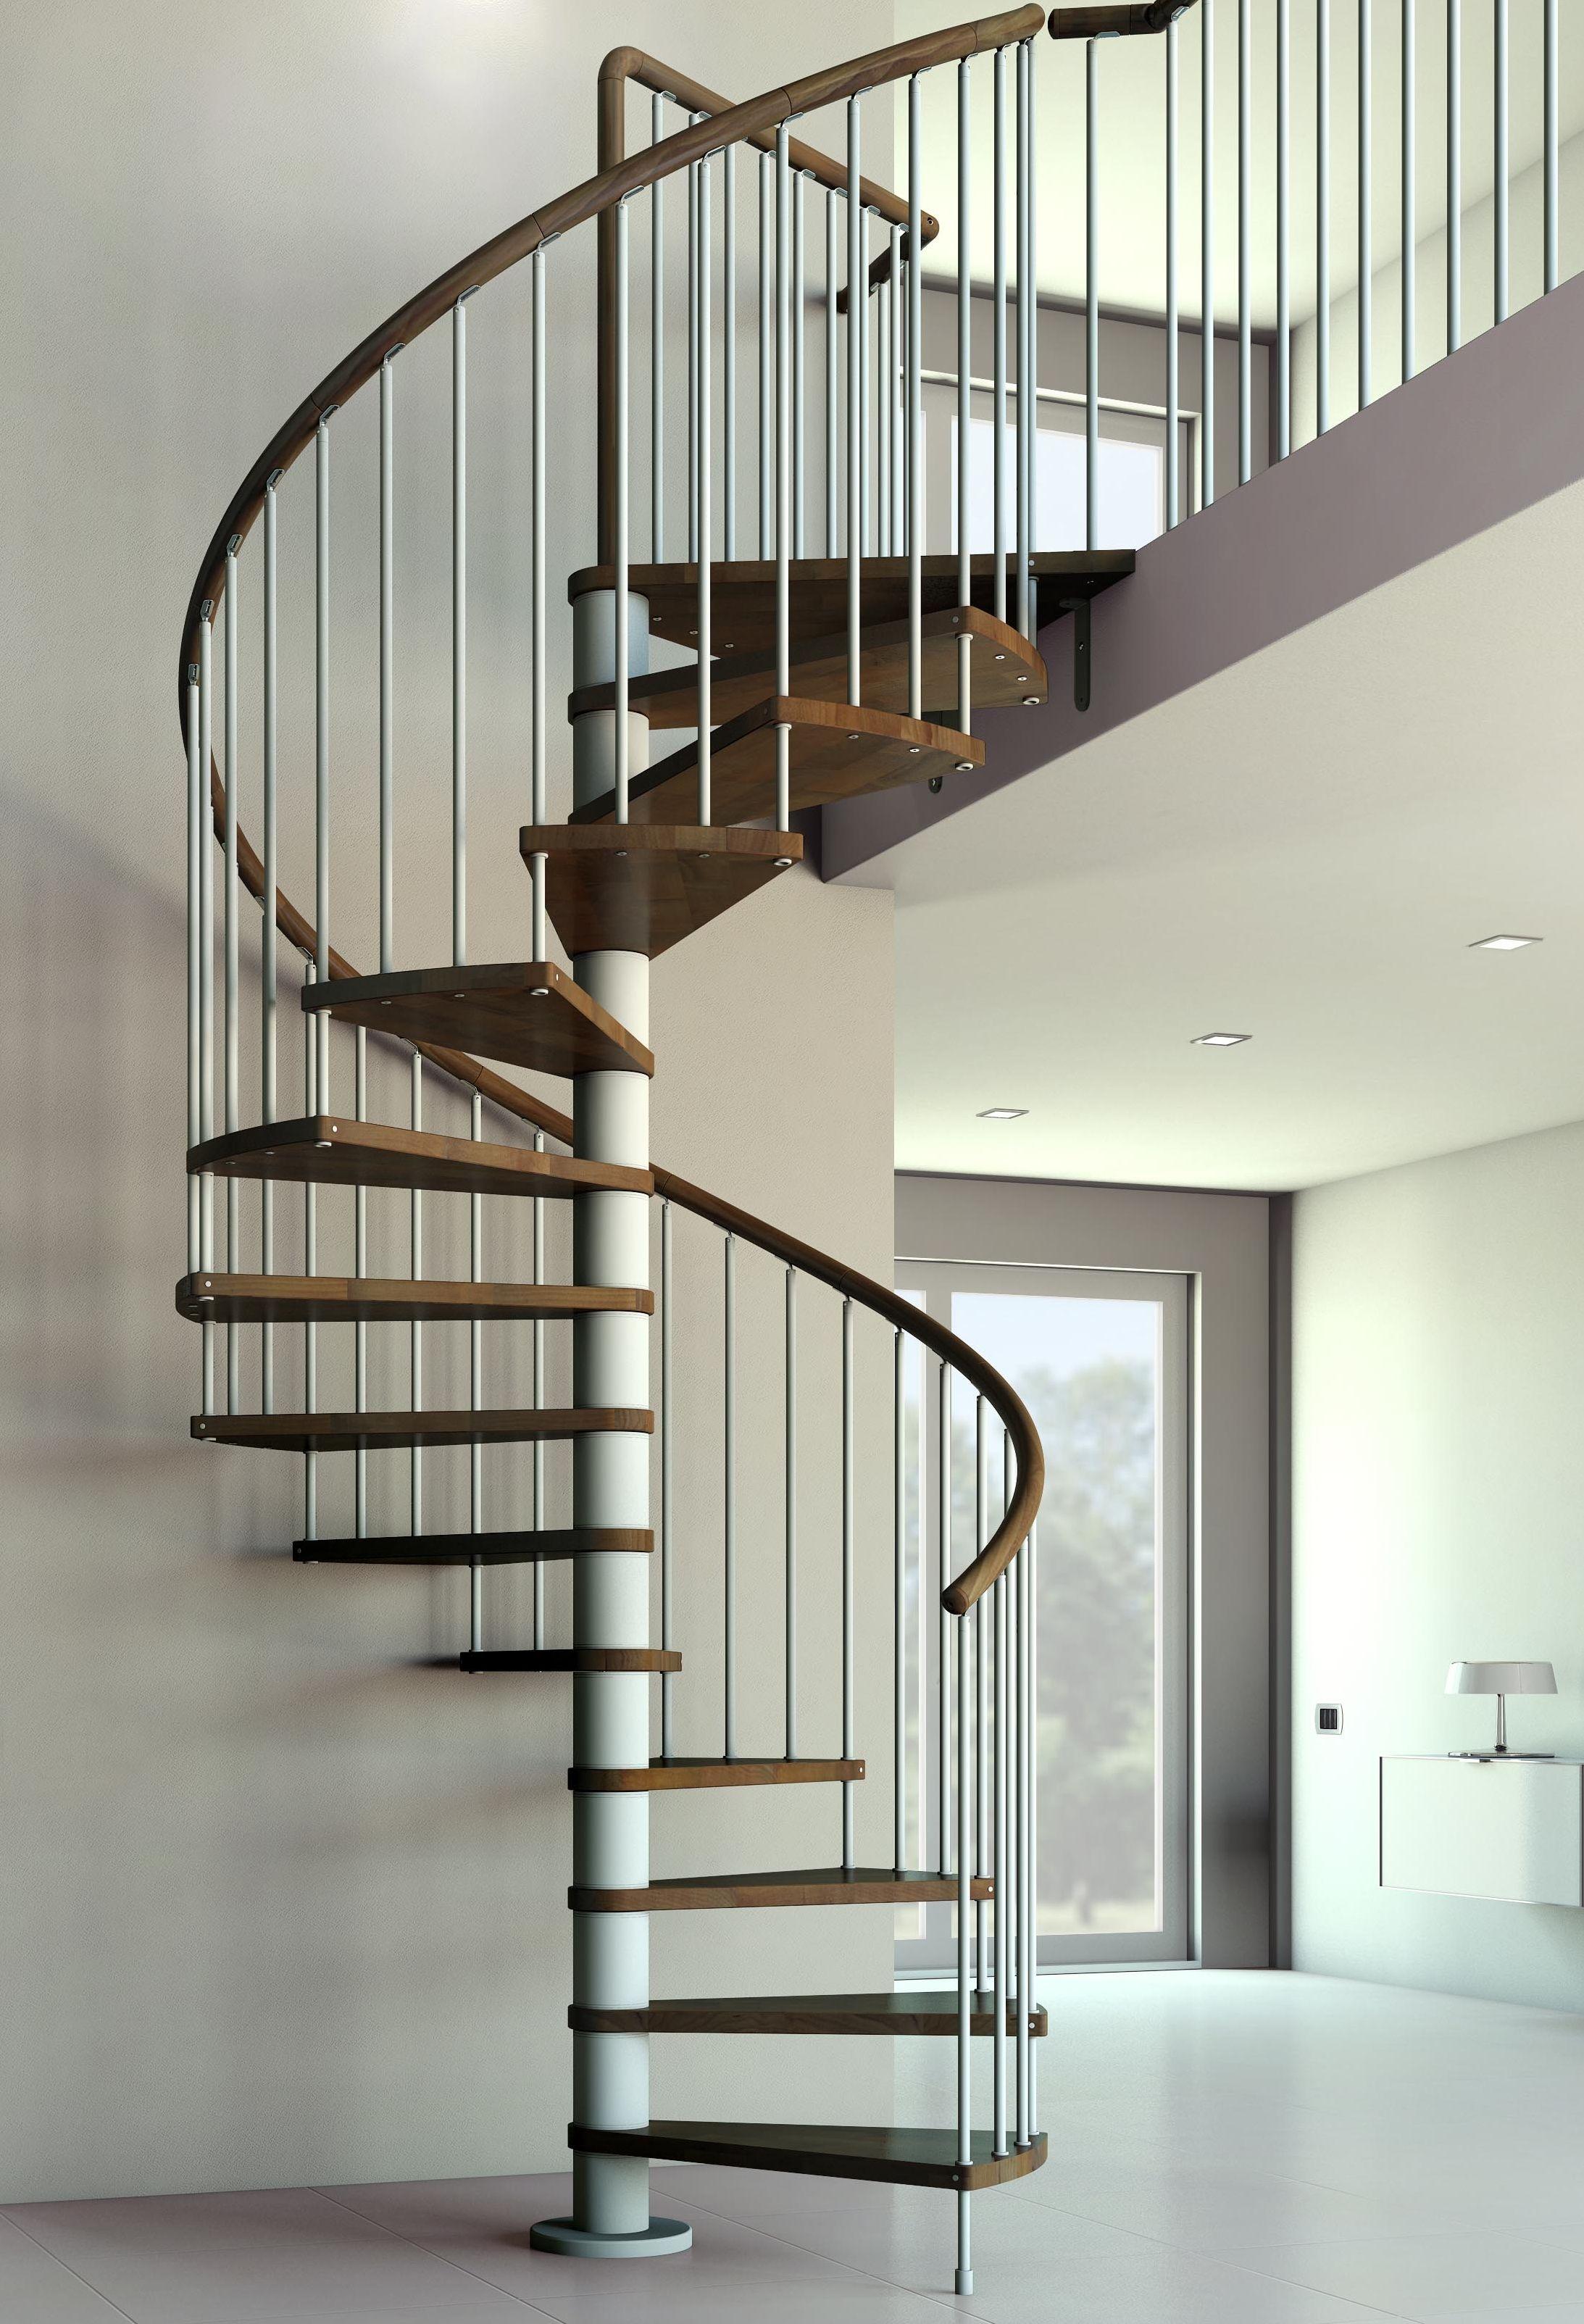 Escaleras de caracol interiores escalera caracol metalica - Escaleras de caracol de madera ...